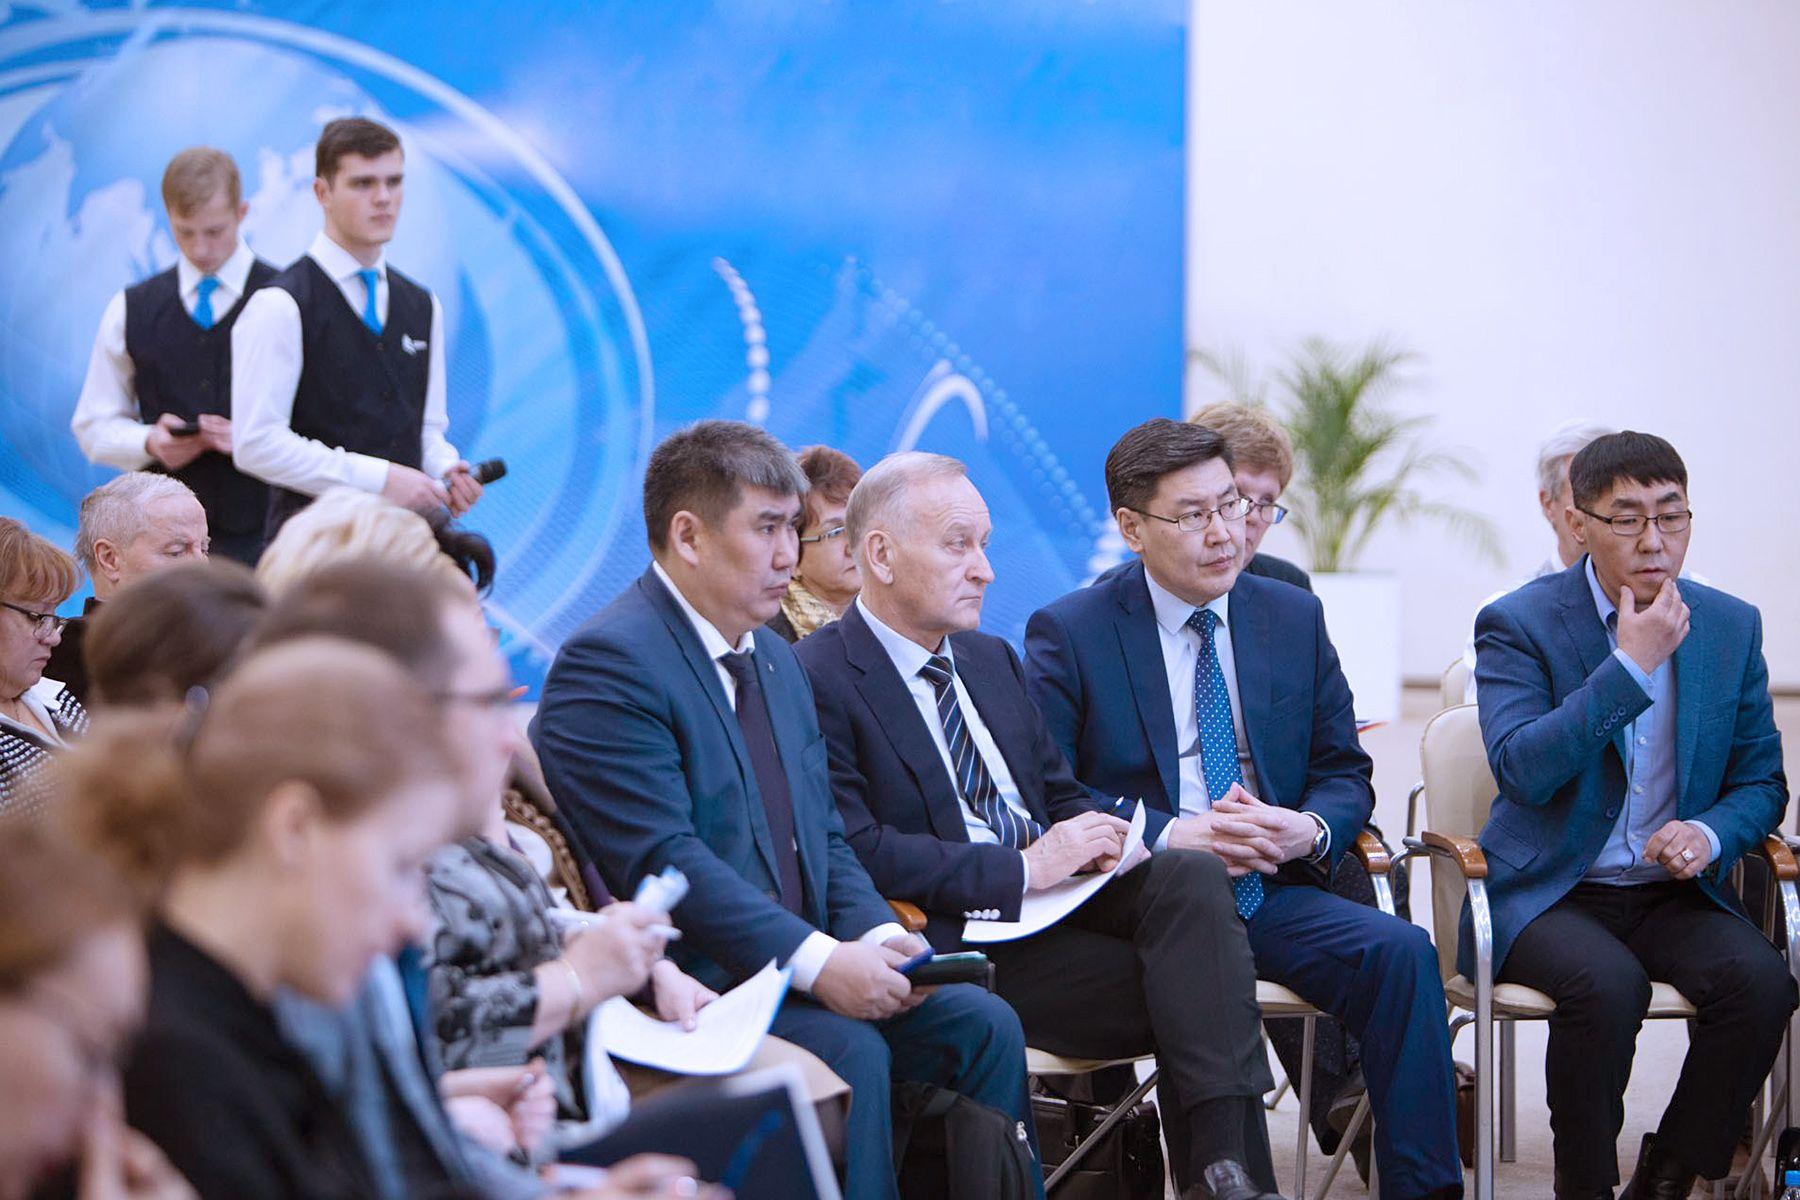 Будущие проекты в сфере высшего образования обсуждали эксперты ВГУЭС на сессии Минобрнауки